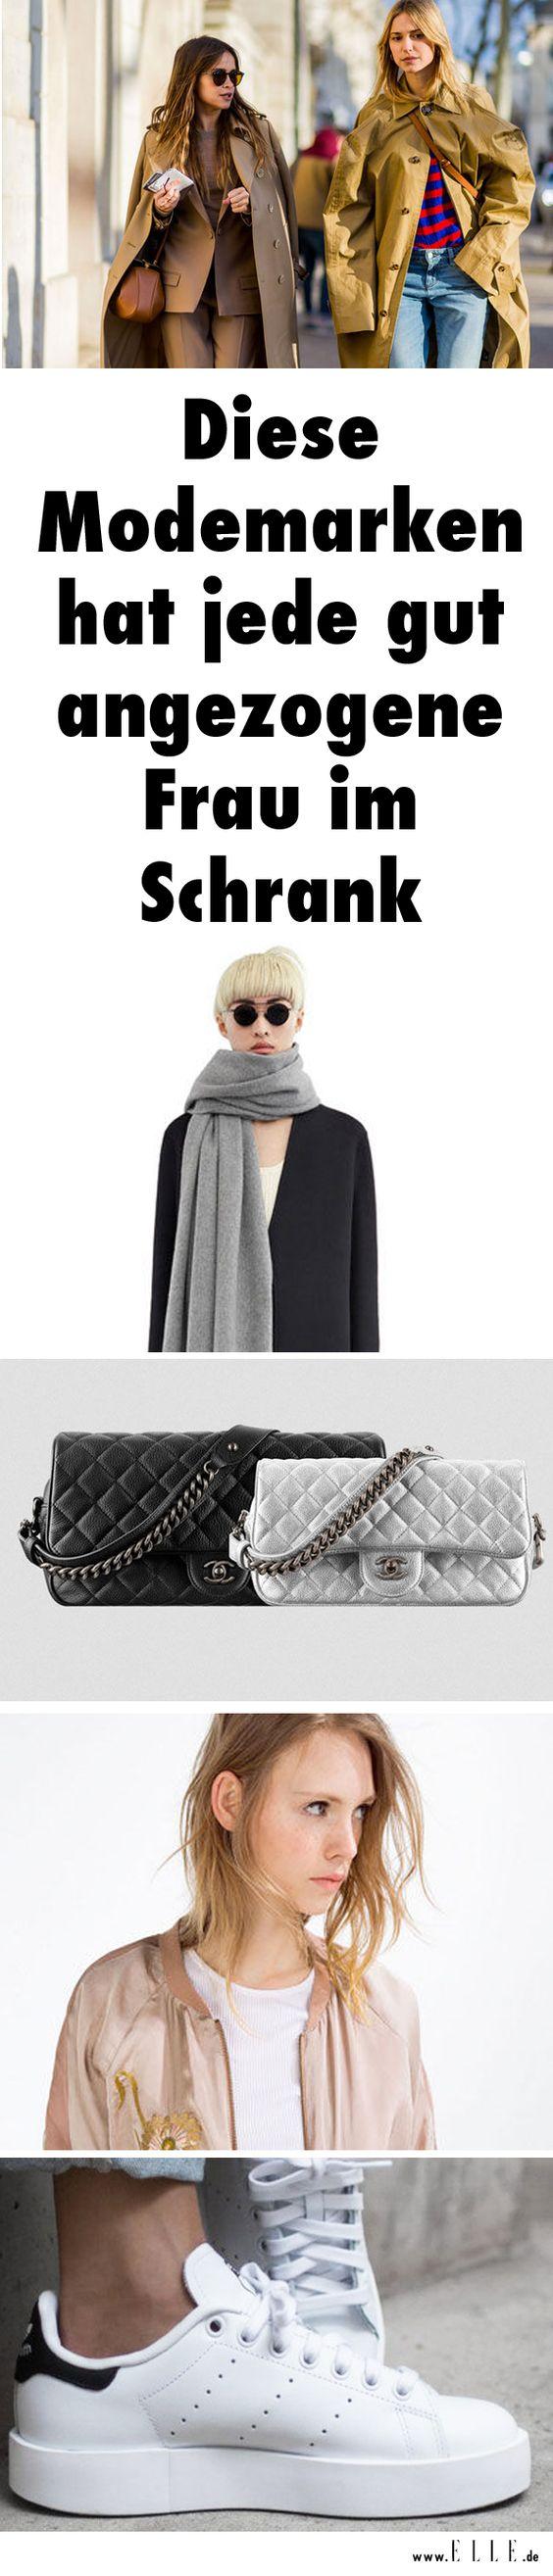 Die Mischung macht´s! Luxuriöse Klassiker von Designer kombiniert man am besten mit Trend-Teilen von Highstreet-Modeketten. Wir verraten dir, welche Labels im Kleiderschrank jeder Modefrau hängen…